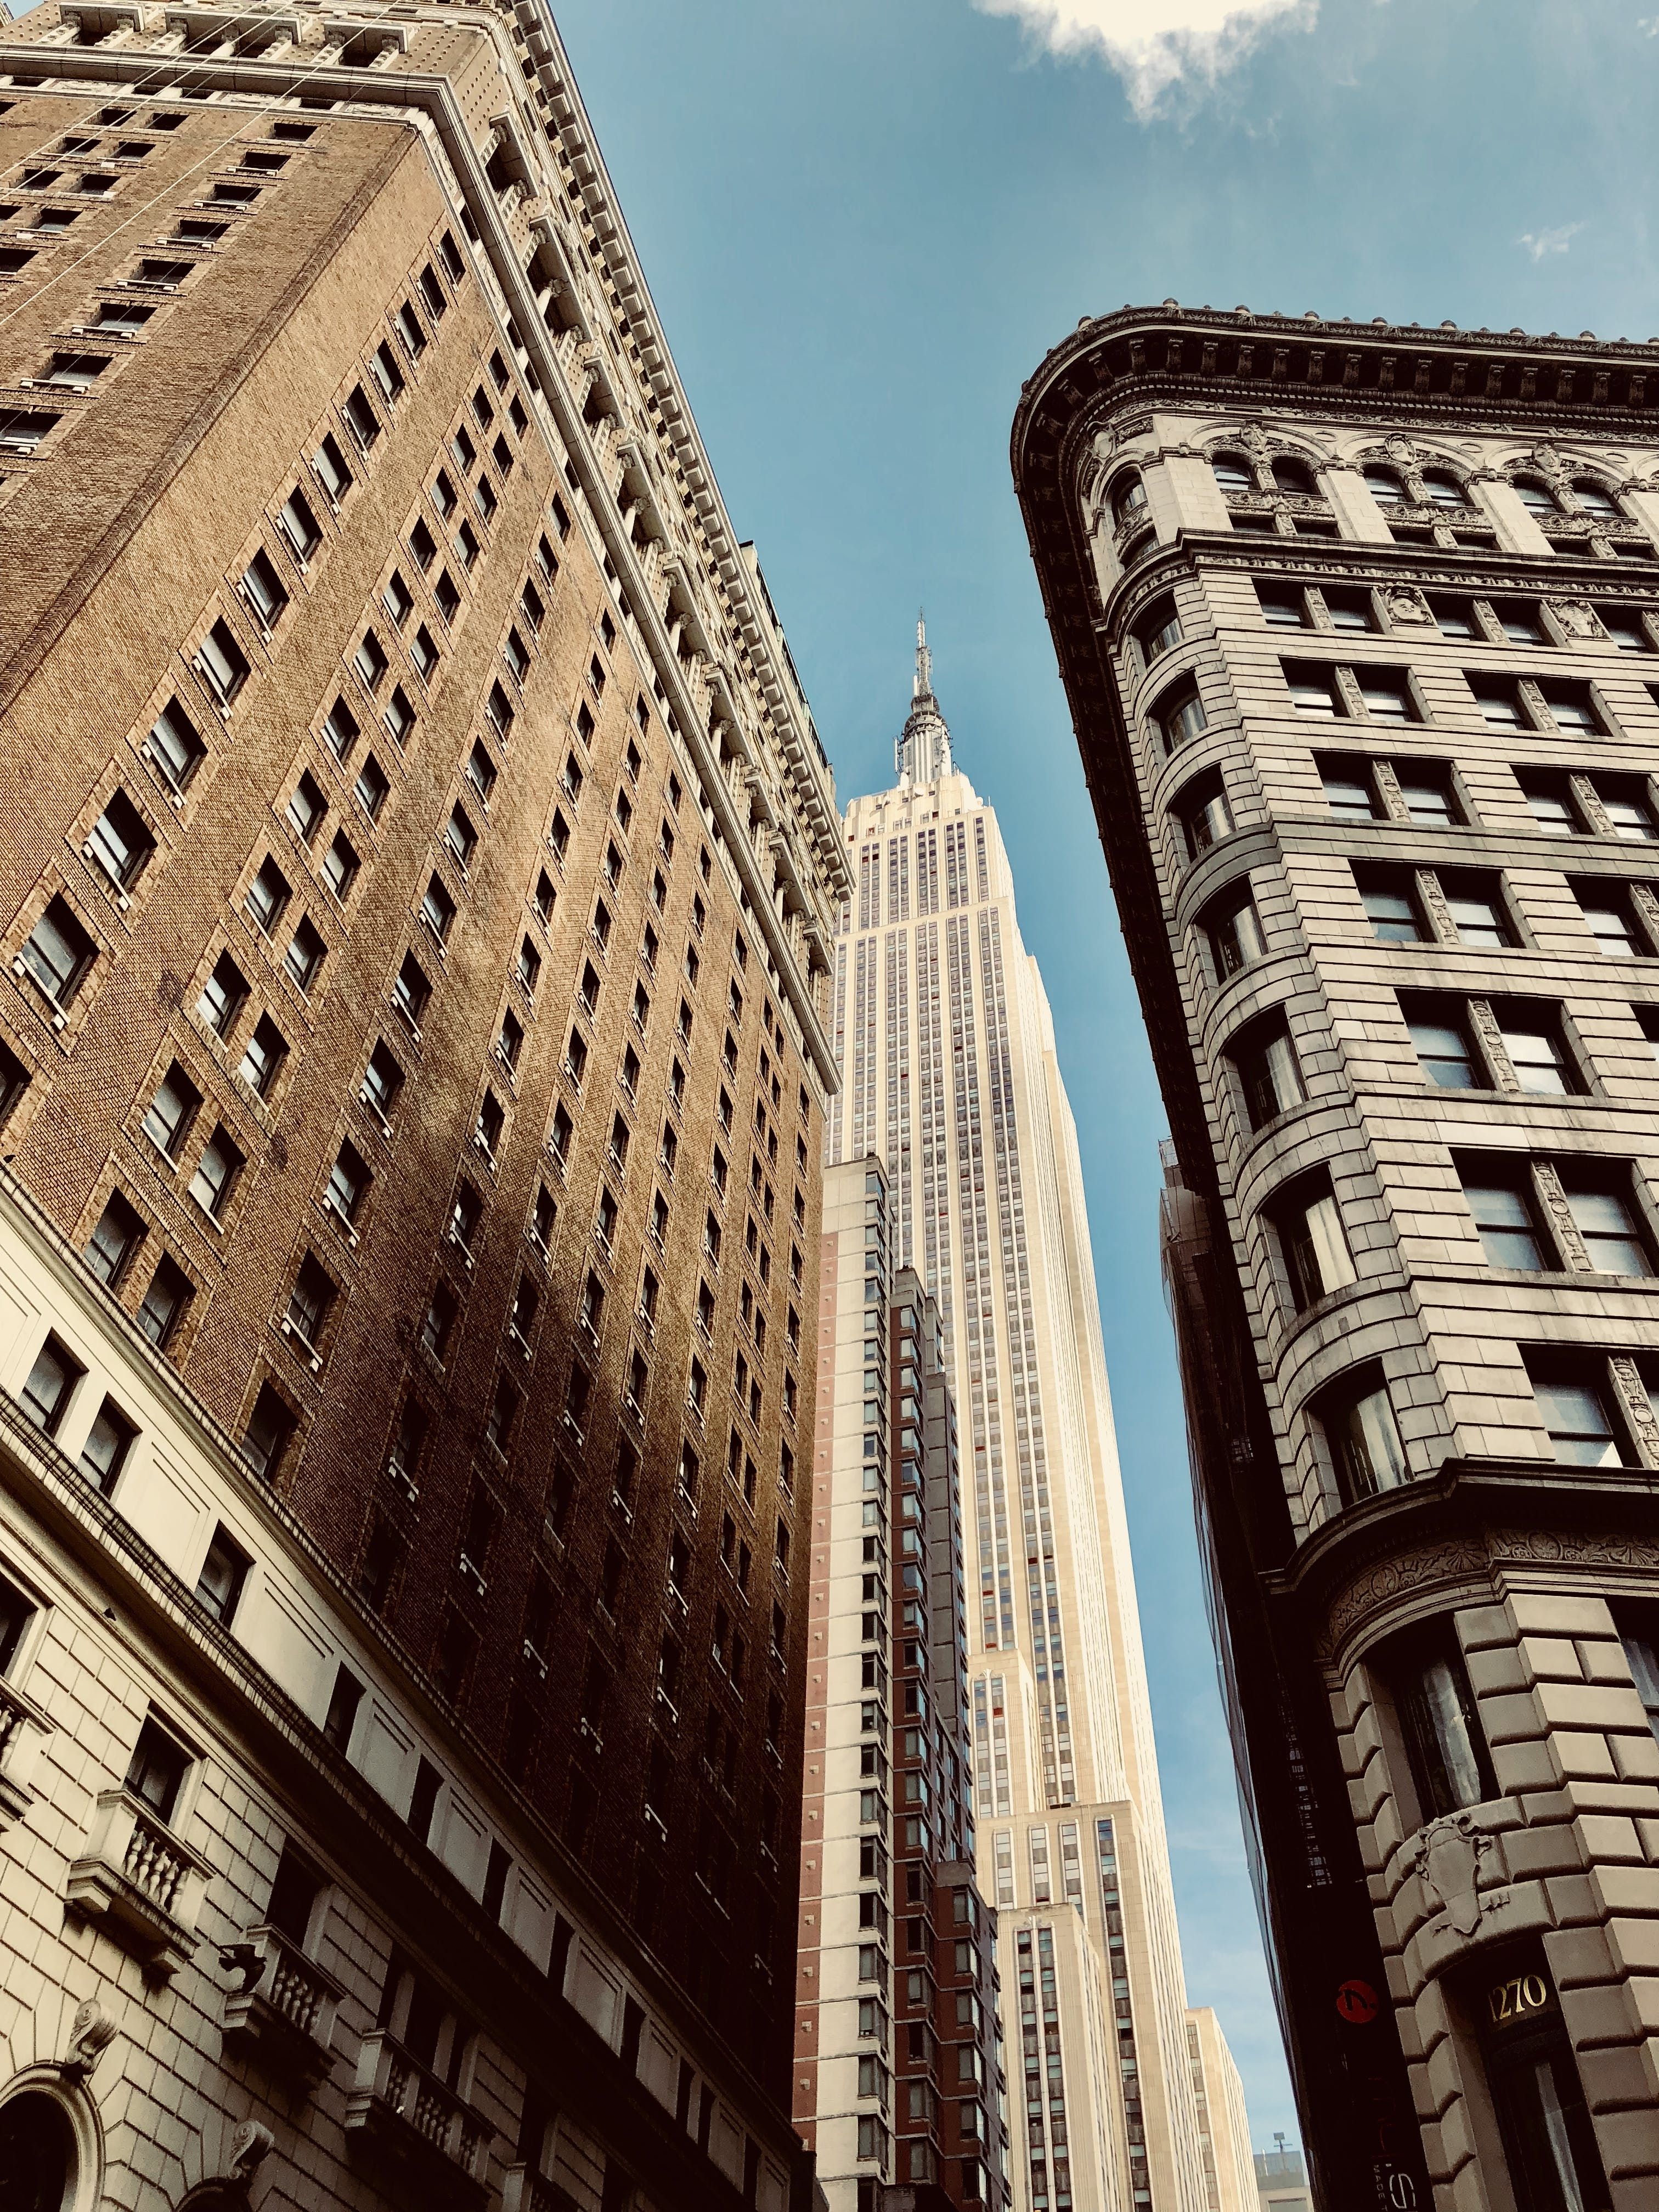 Fotos de stock gratuitas de alto, arquitectura, contemporáneo, diseño arquitectónico